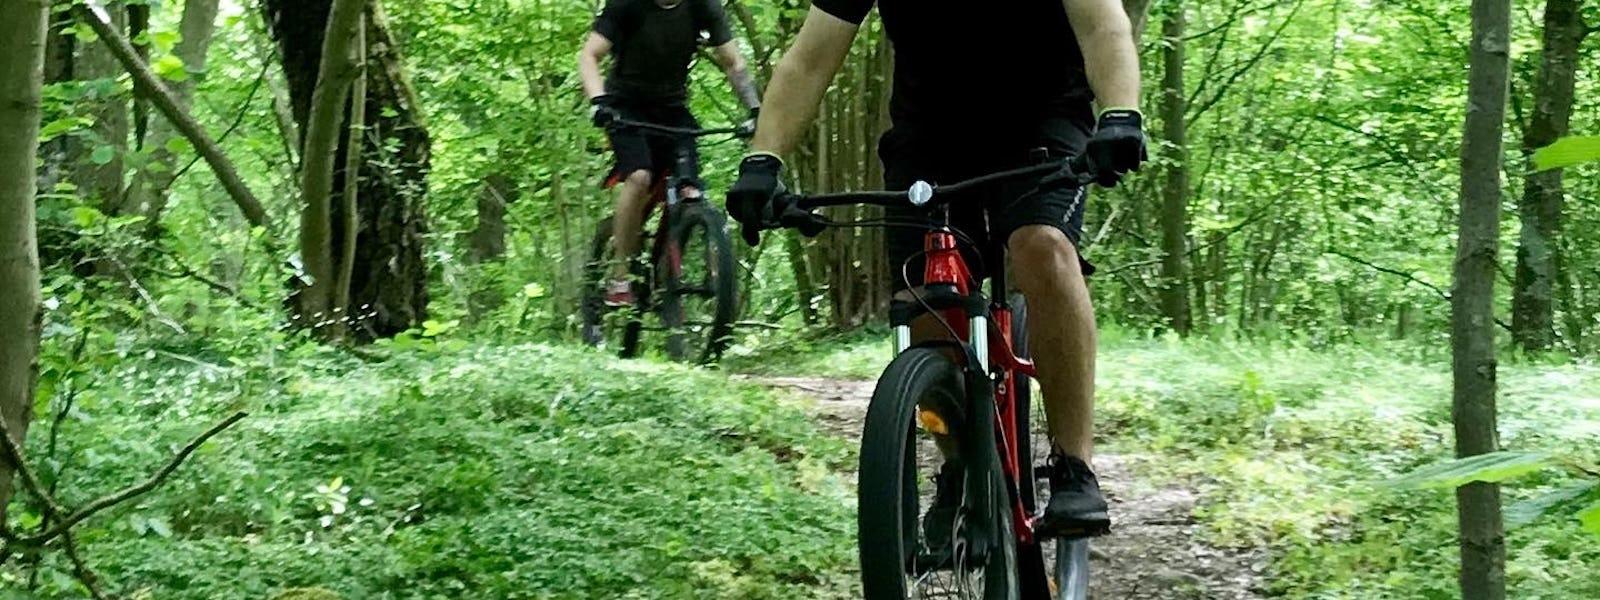 Bild - Mountainbike-tur för nybörjare